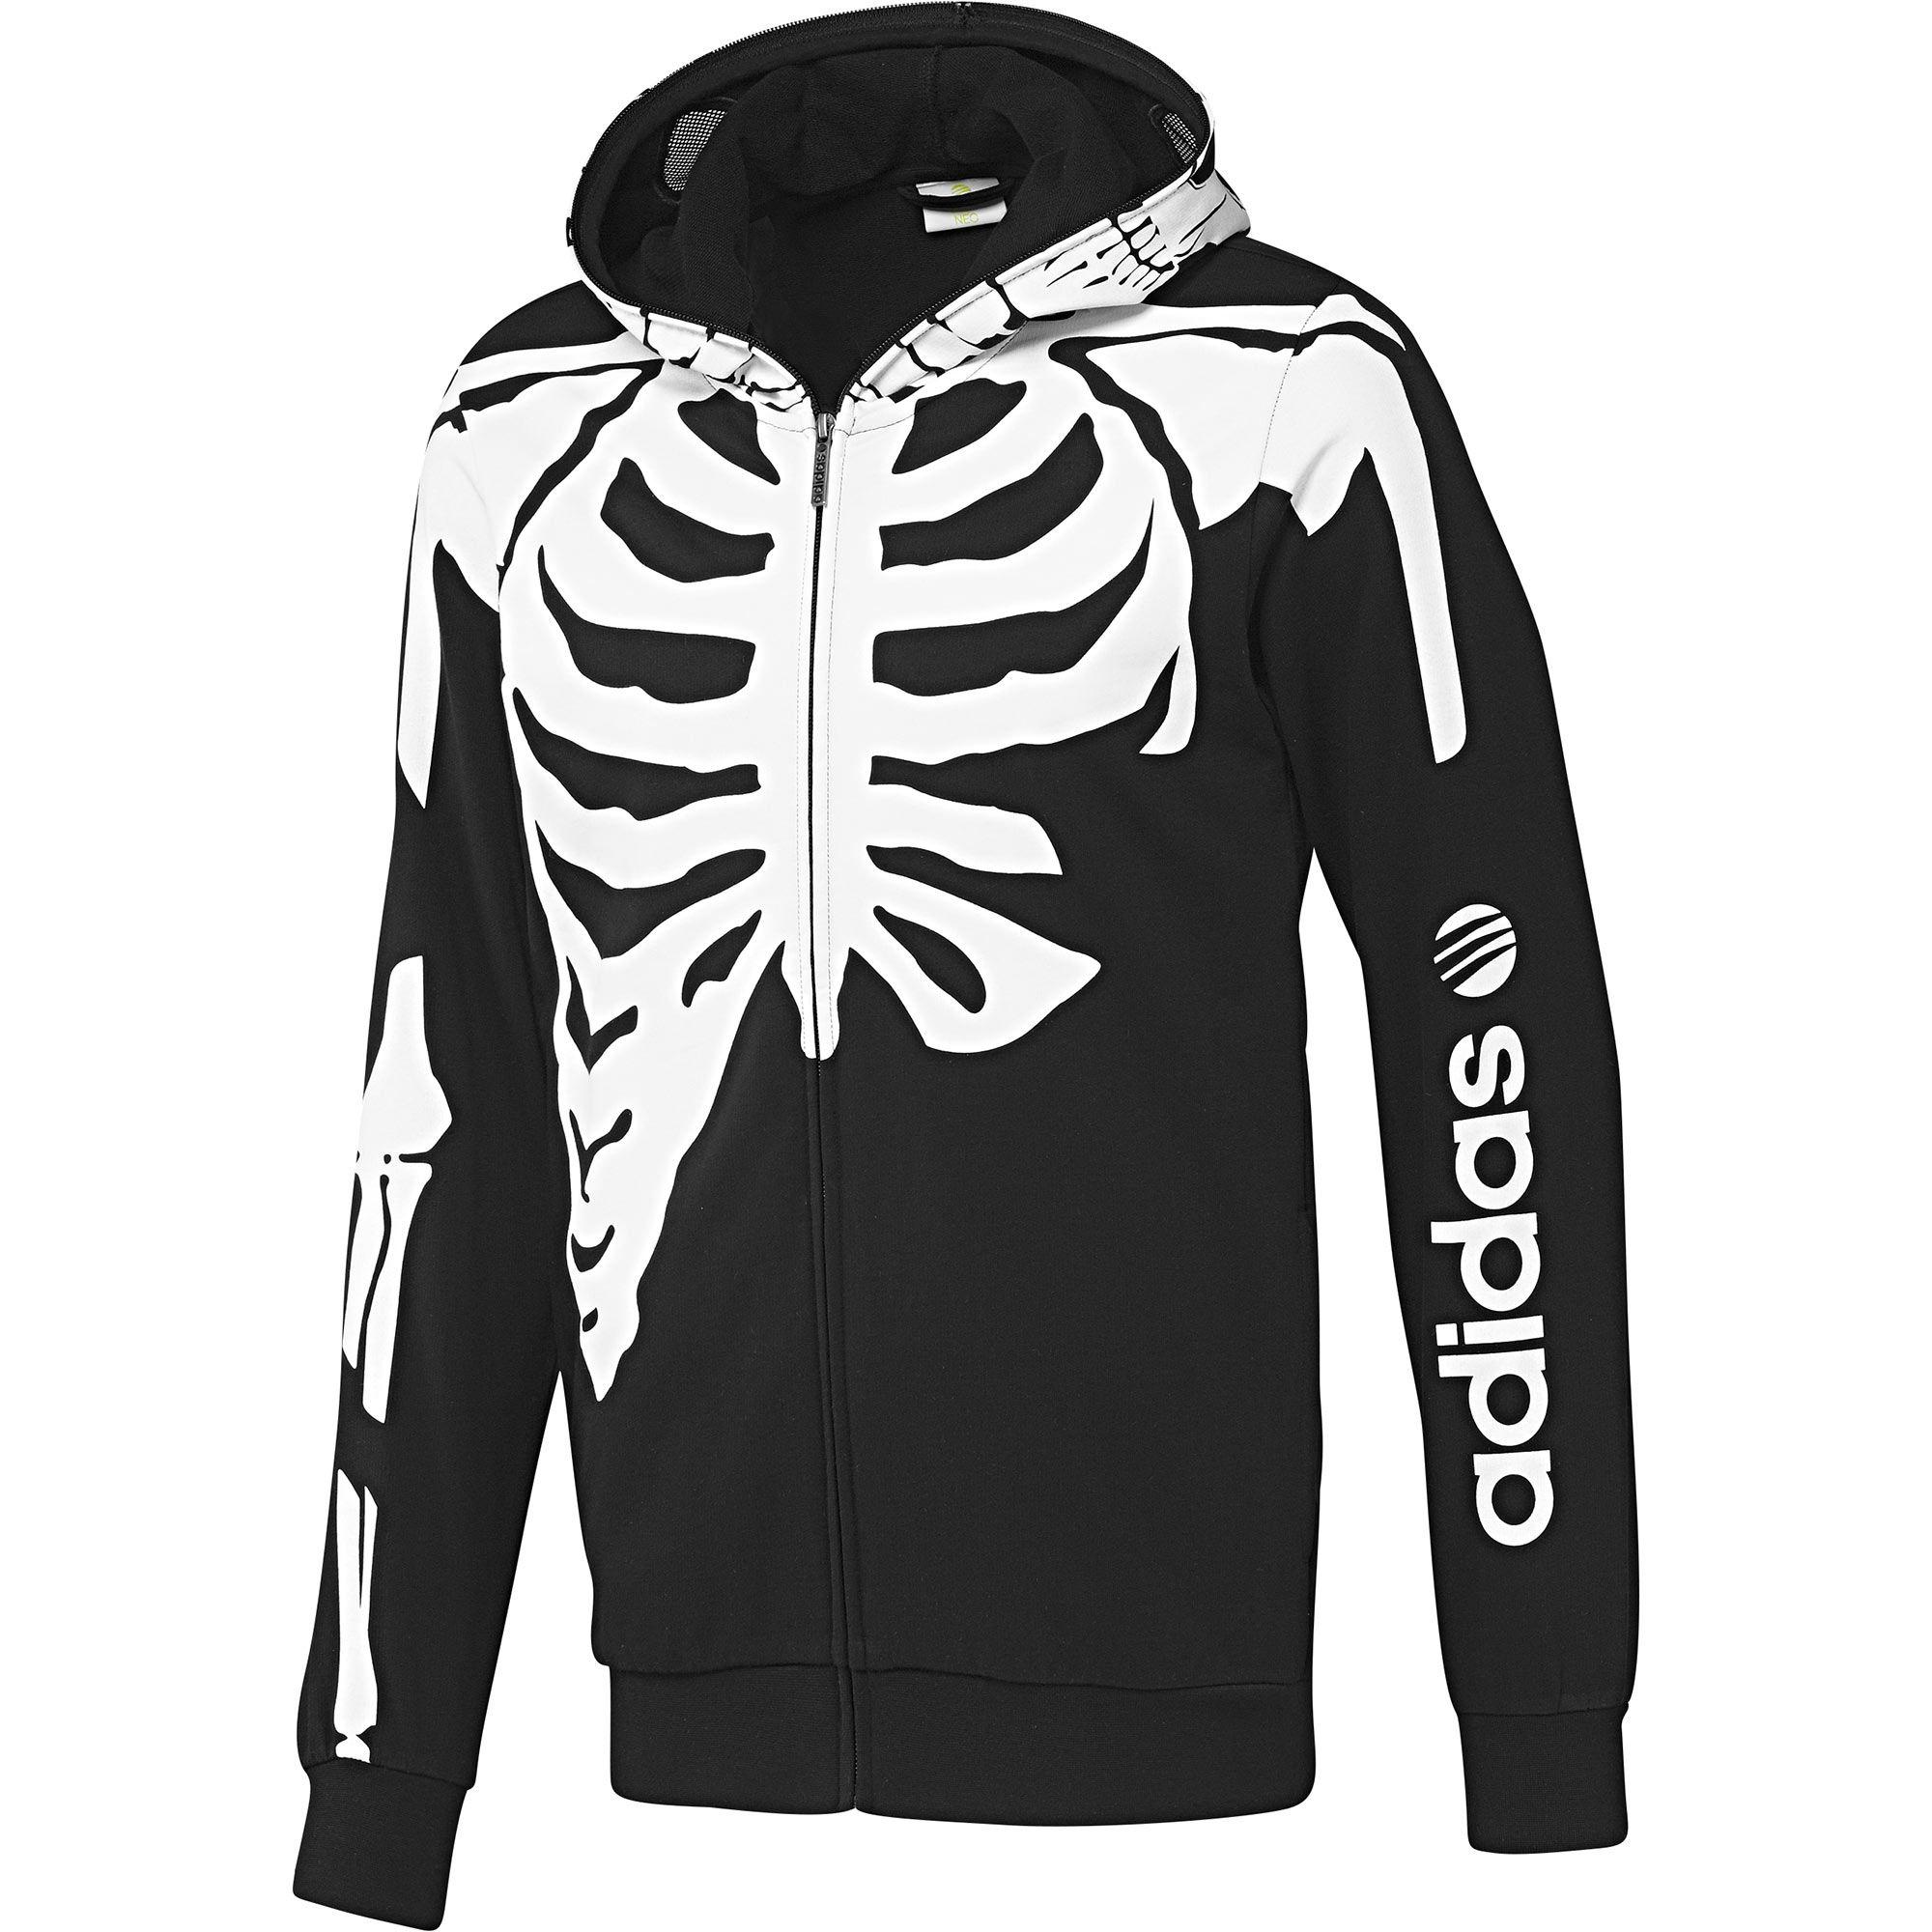 La capucha de esta camiseta con estampado de esqueleto para chico se puede  cerrar por completo con cremallera para mostrar una calavera. 1ae196bcf2dc8